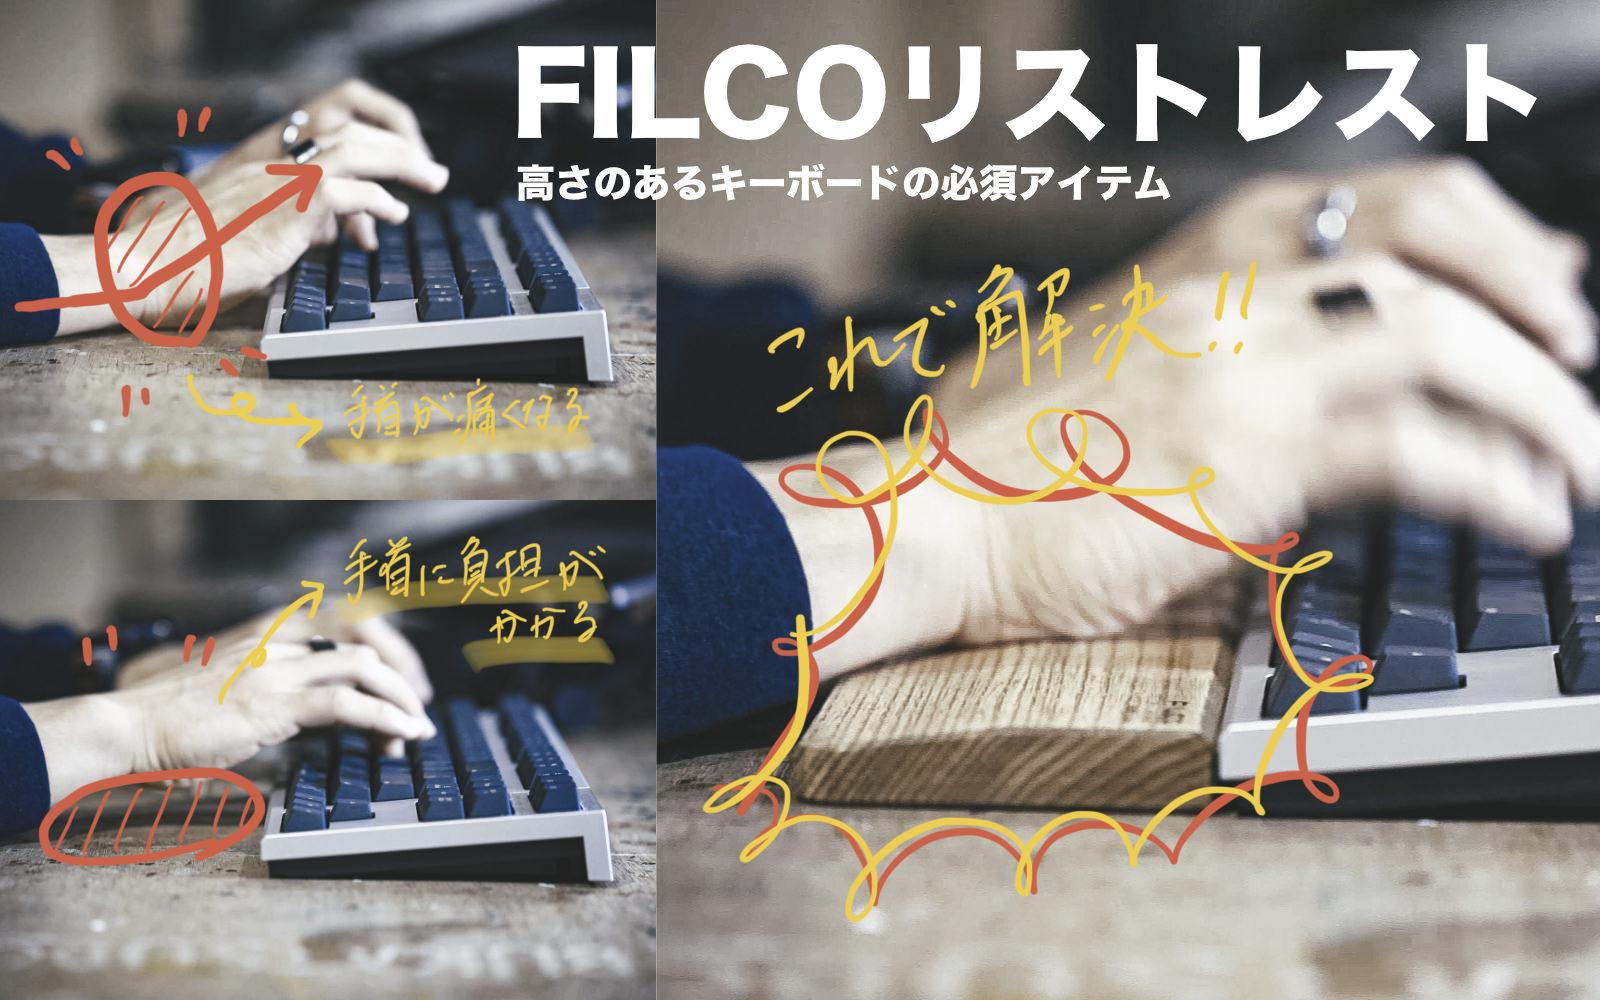 FILCO Genuine Wood Wrist Rest M